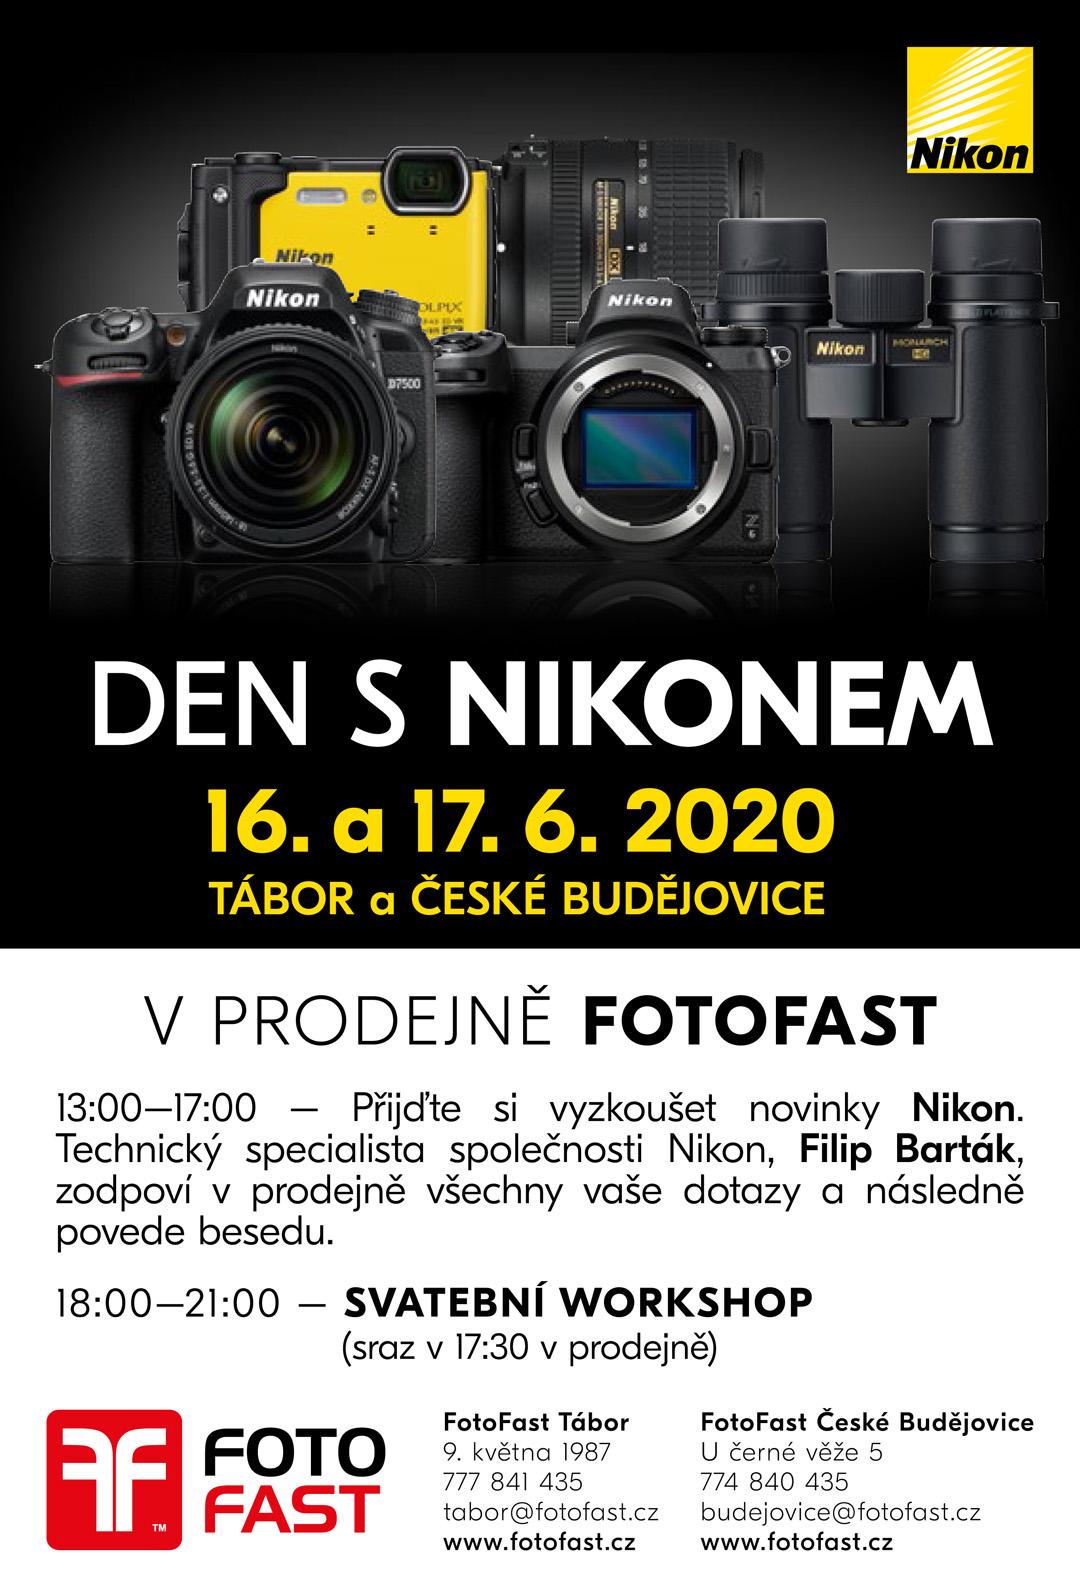 Jihočeské Dny s Nikonem… a se Svatebními workshopy navíc